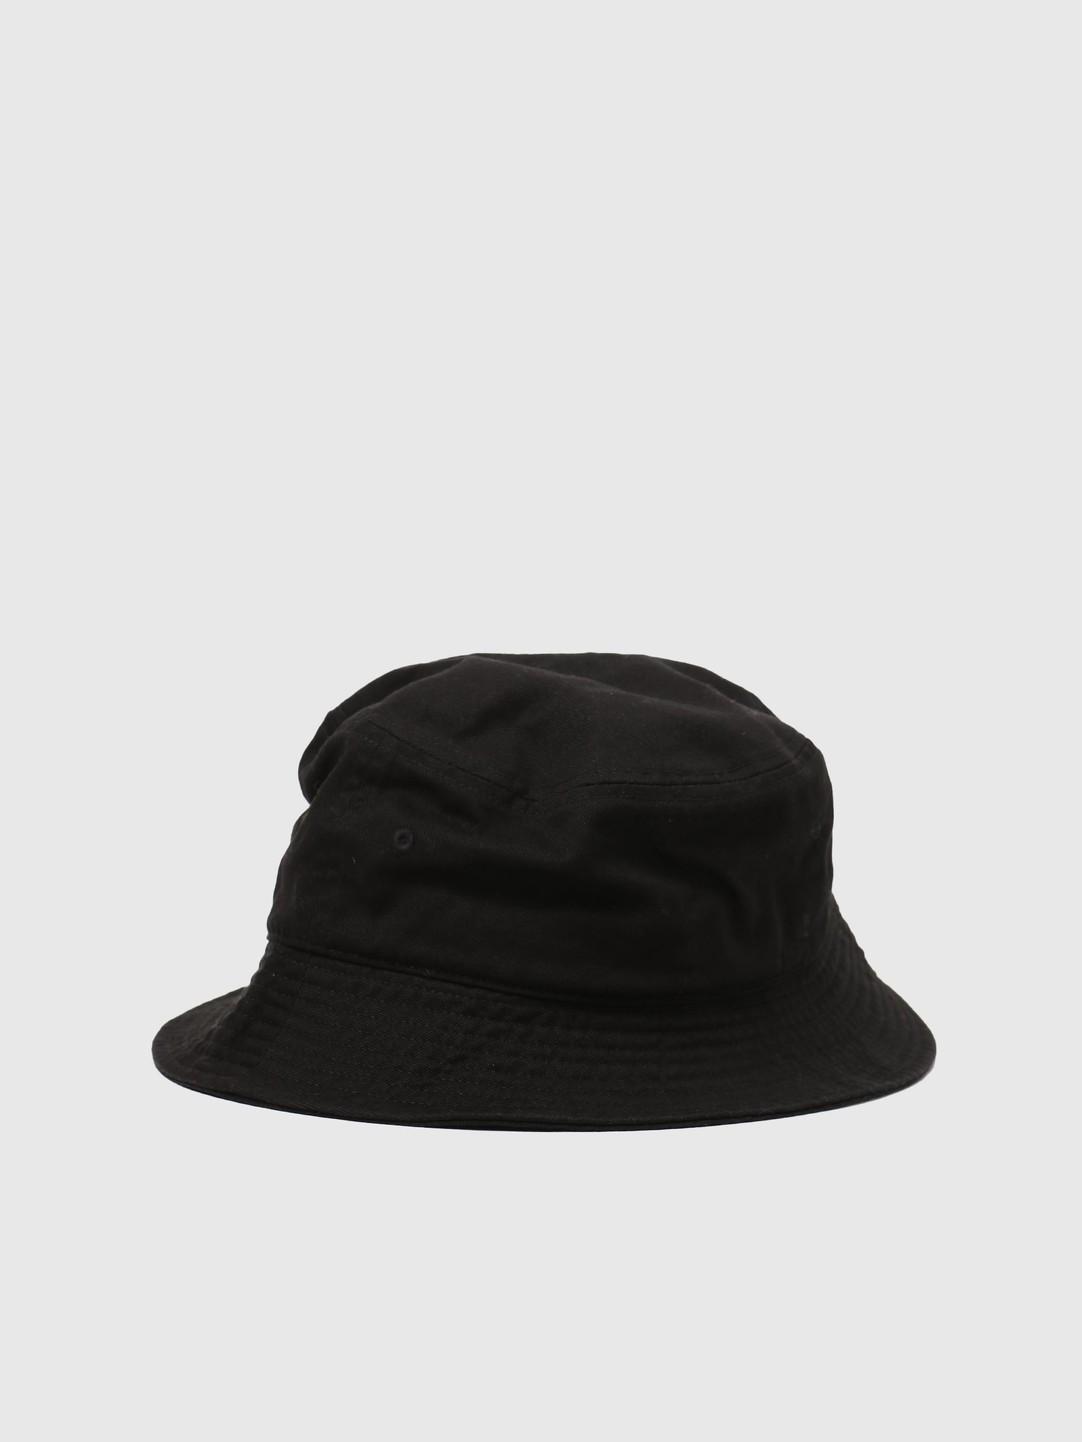 Stussy Stussy Stock Bucket Hat Black 1321023-0001